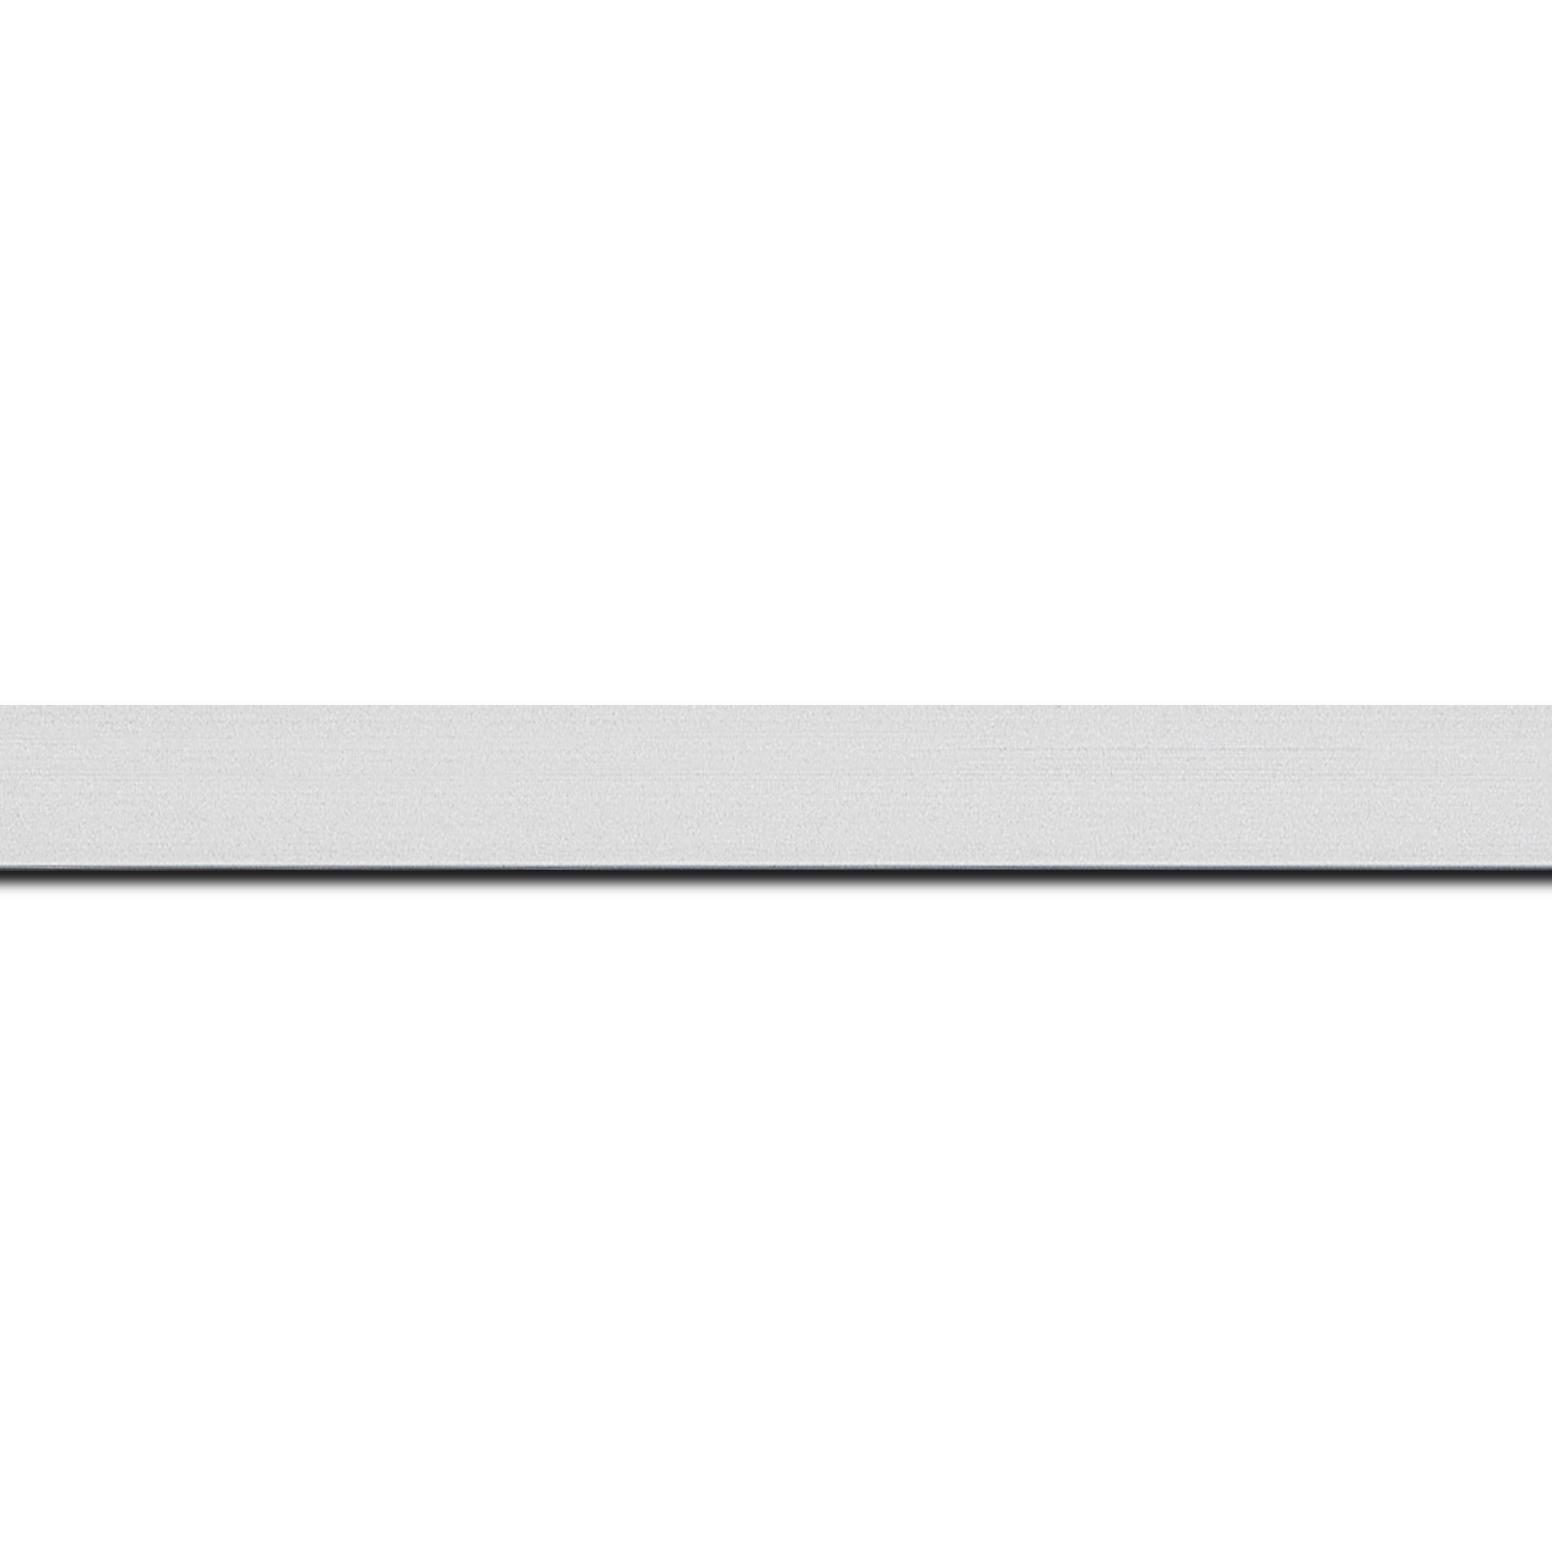 Pack par 12m, bois recouvert aluminium profil plat largeur 1.6cm argent brossé  bord droit (longueur baguette pouvant varier entre 2.40m et 3m selon arrivage des bois)